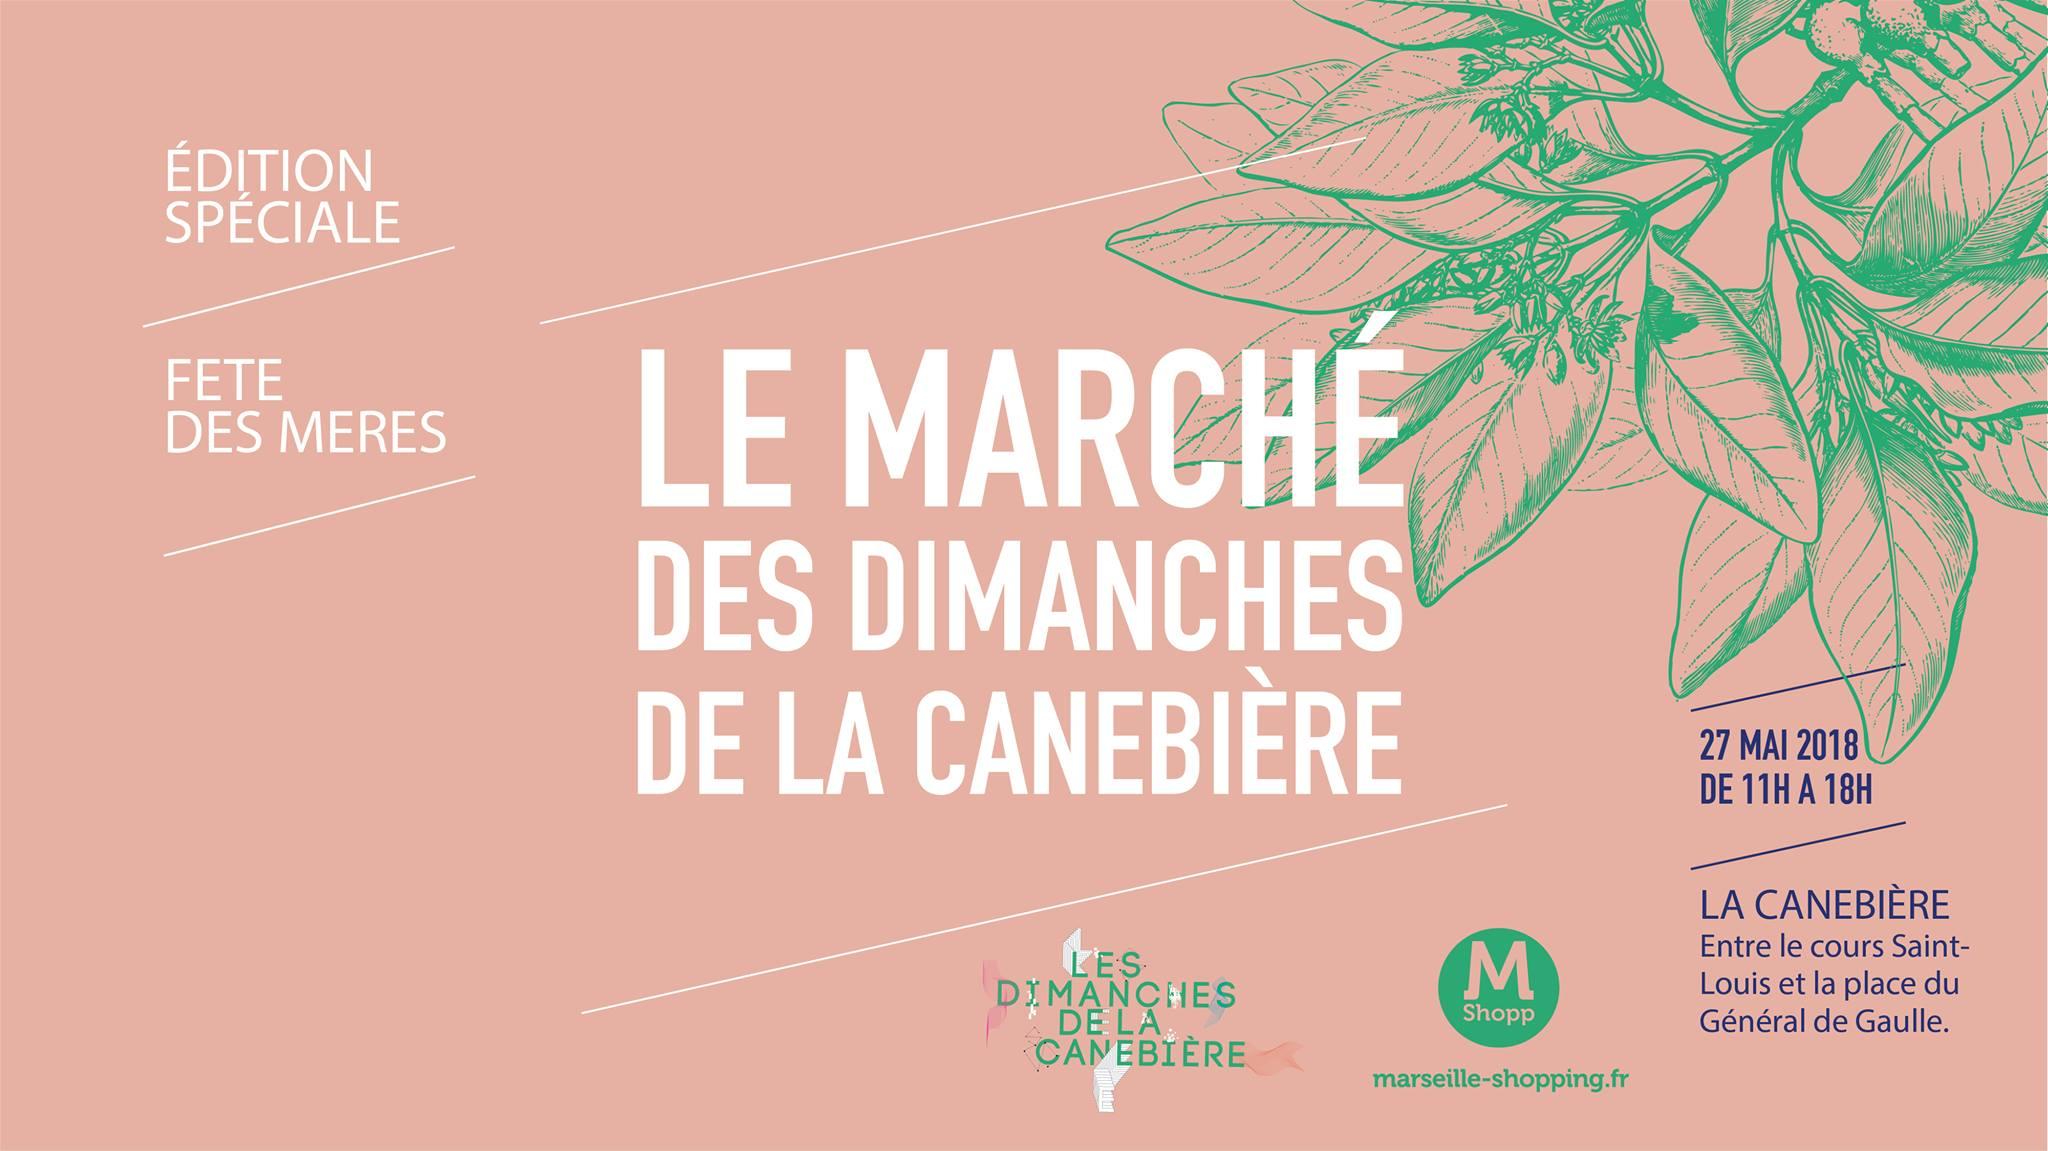 Le Marché des Dimanches de la Canebière - fête des mères